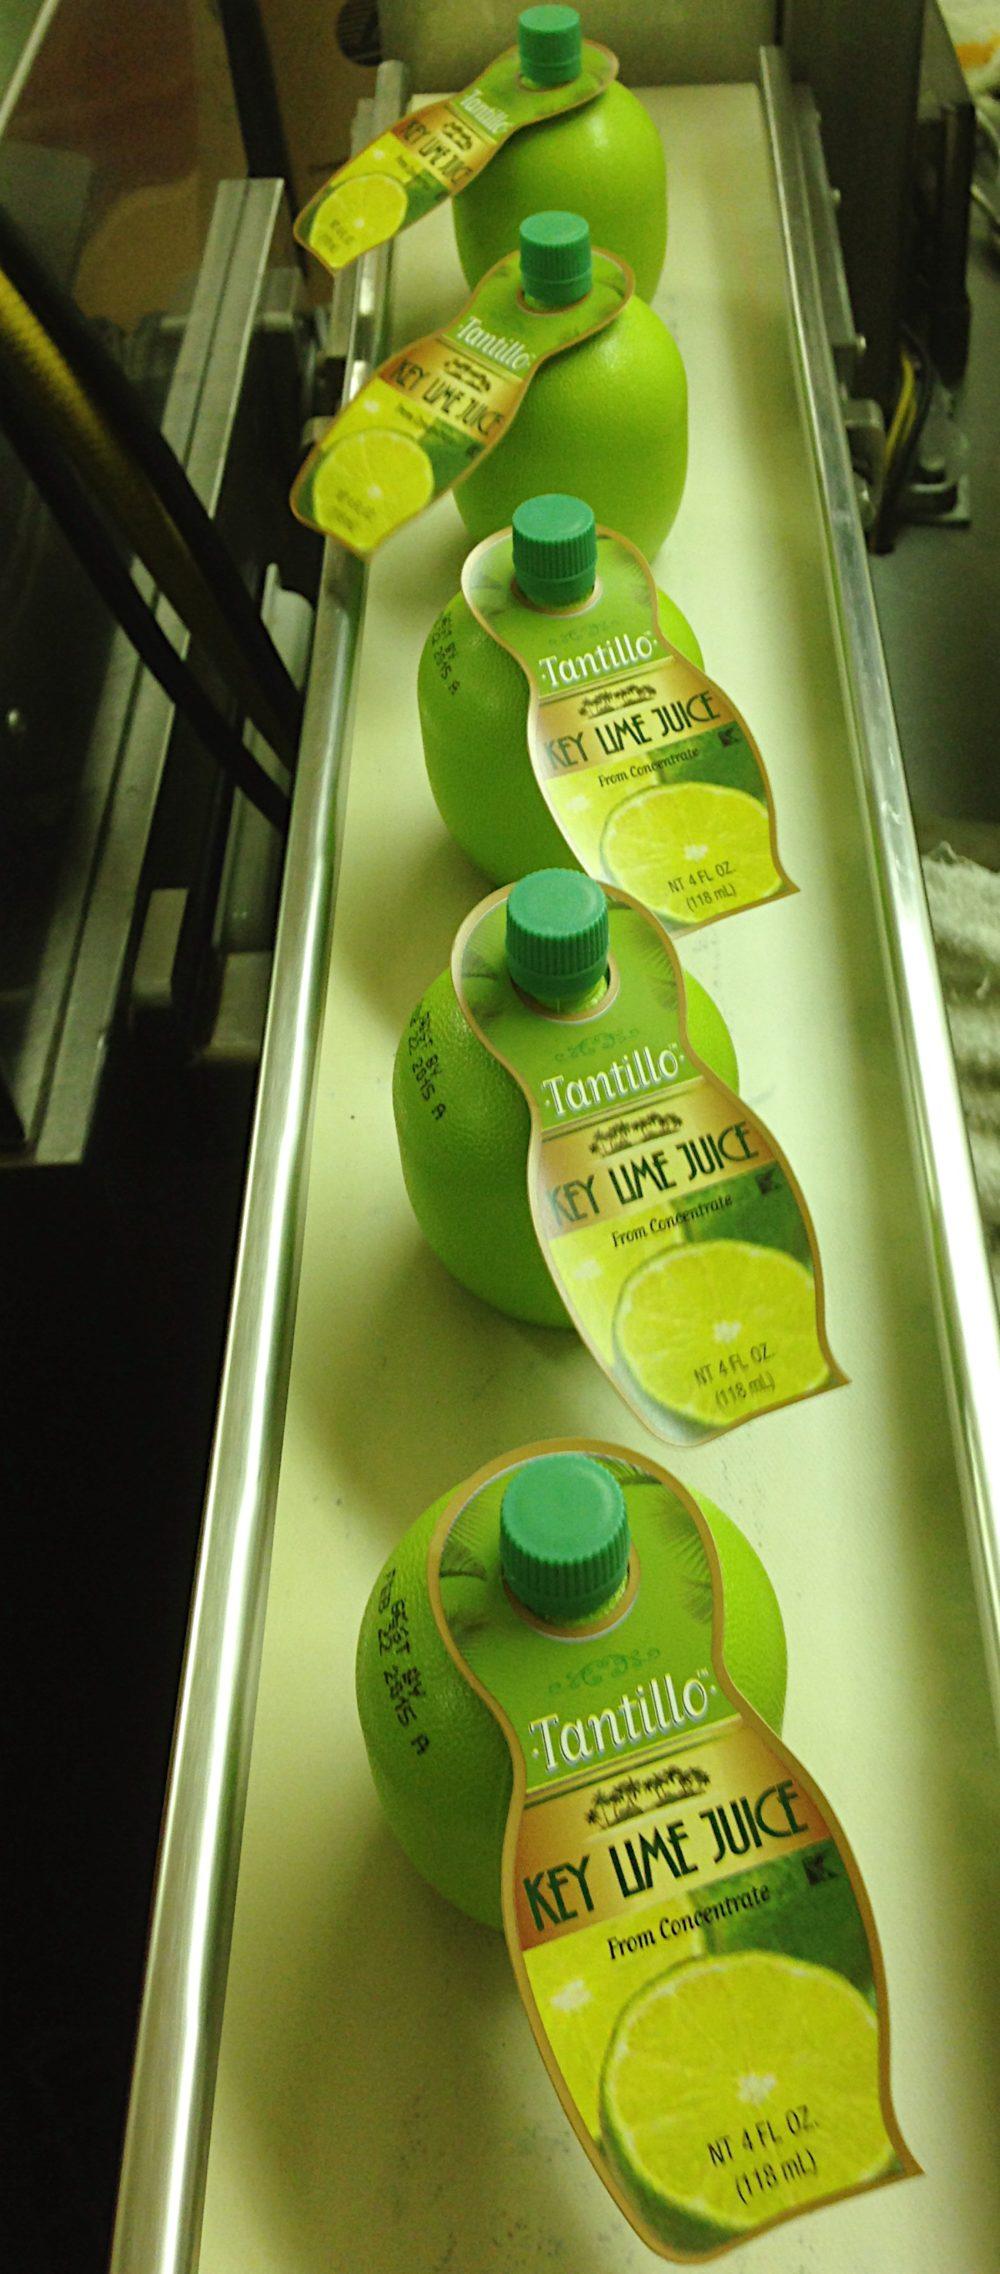 Key Lime Juice… Coming Soon!